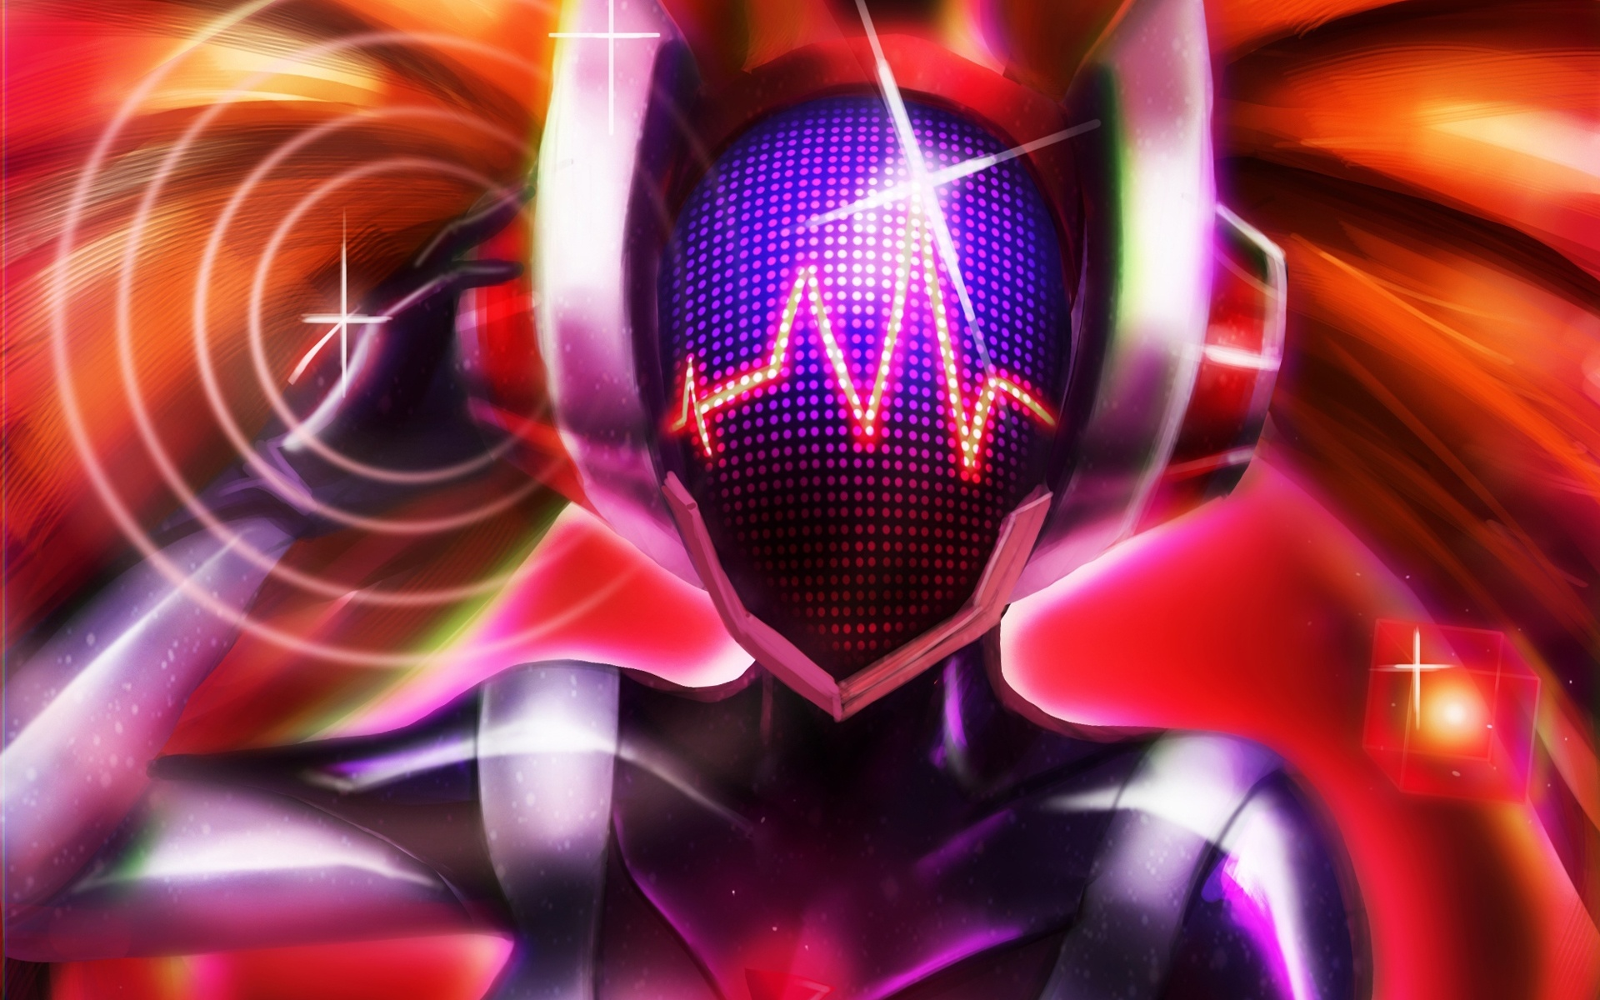 DJ Sona Concussive League Of Legends Wallpaper HD 1920x1080